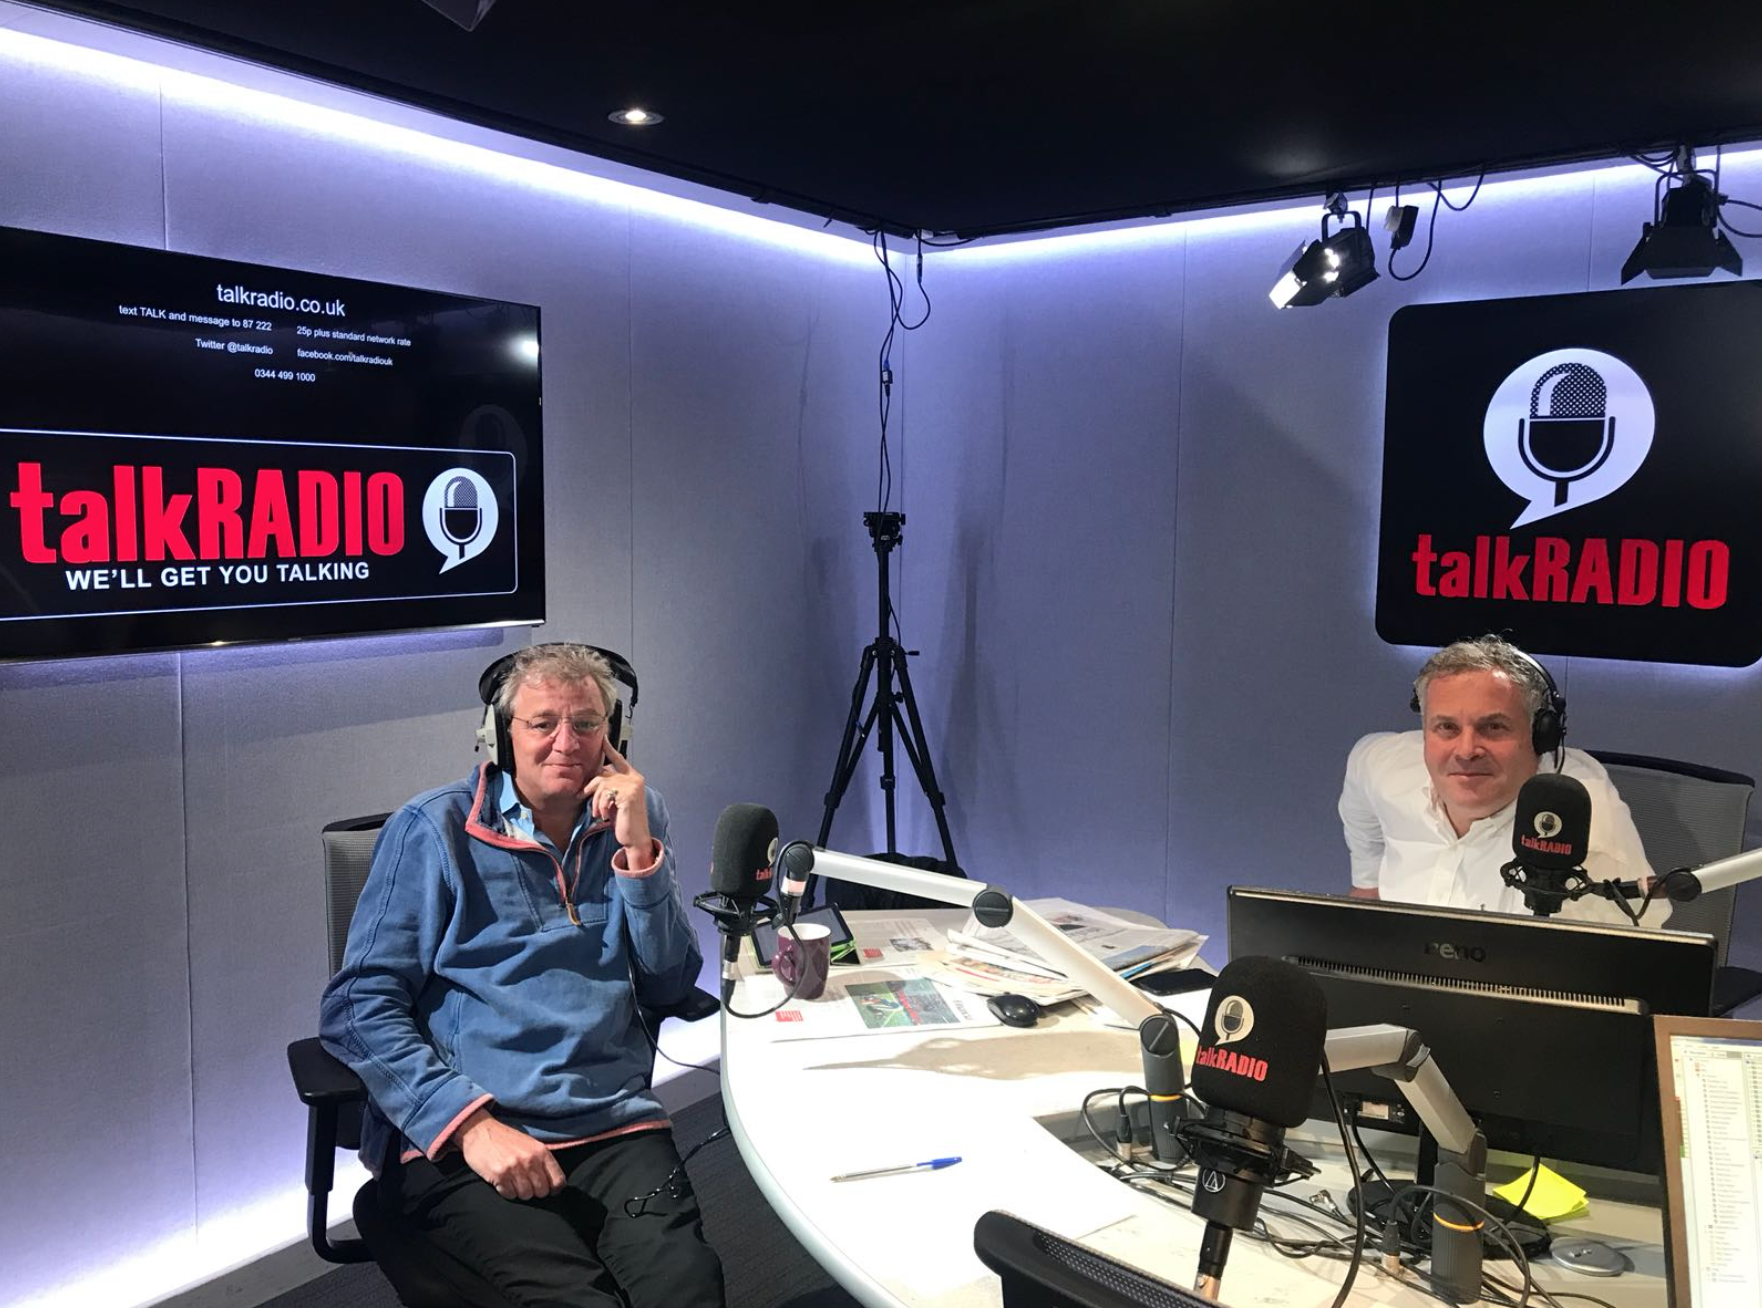 Ed talks to talkRADIO!